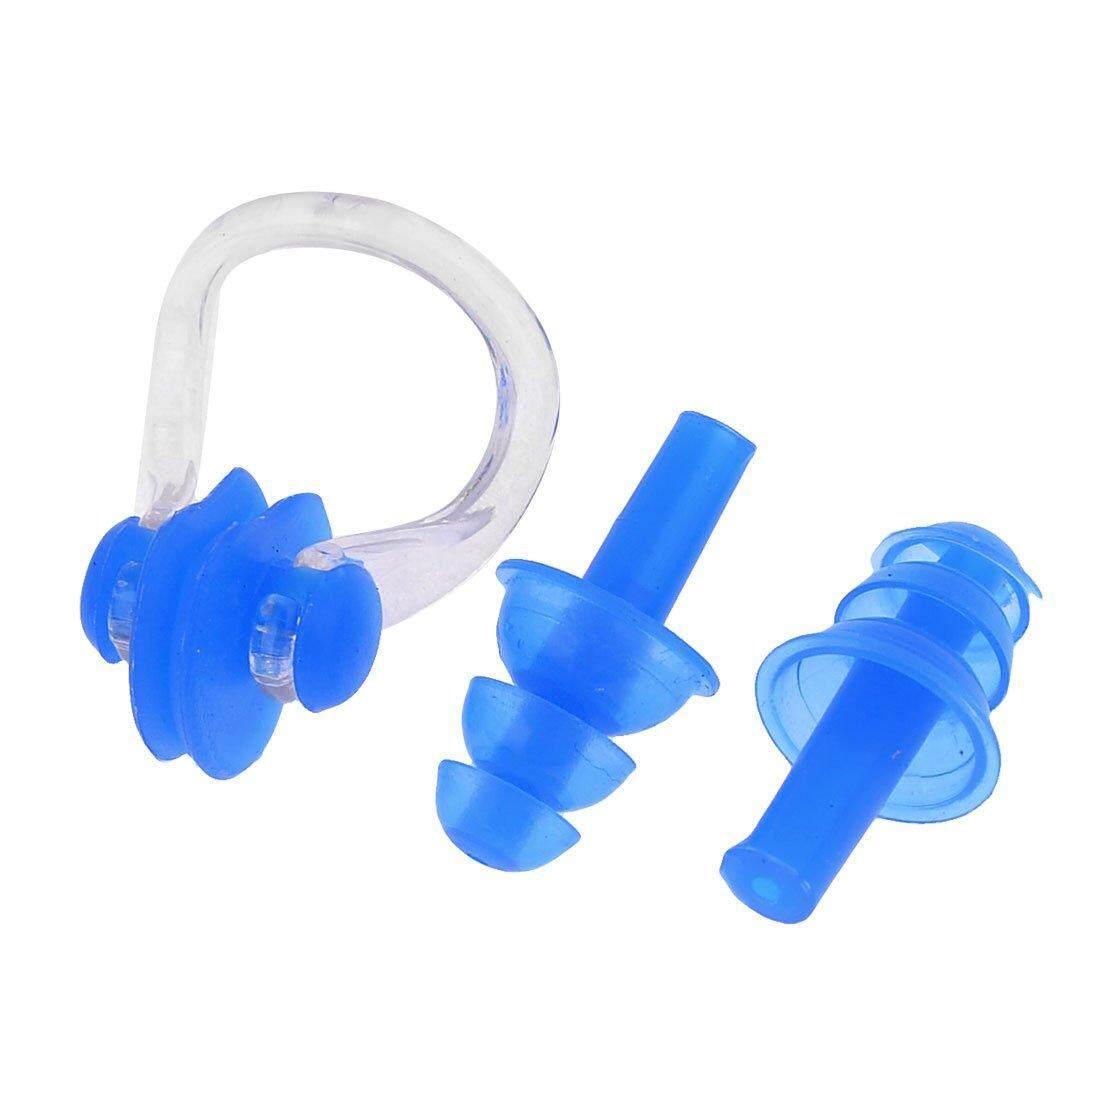 ผู้ใหญ่คู่สีฟ้าซิลิโคนว่ายน้ำหูปลั๊กคลิปหนีบจมูก - Intl.